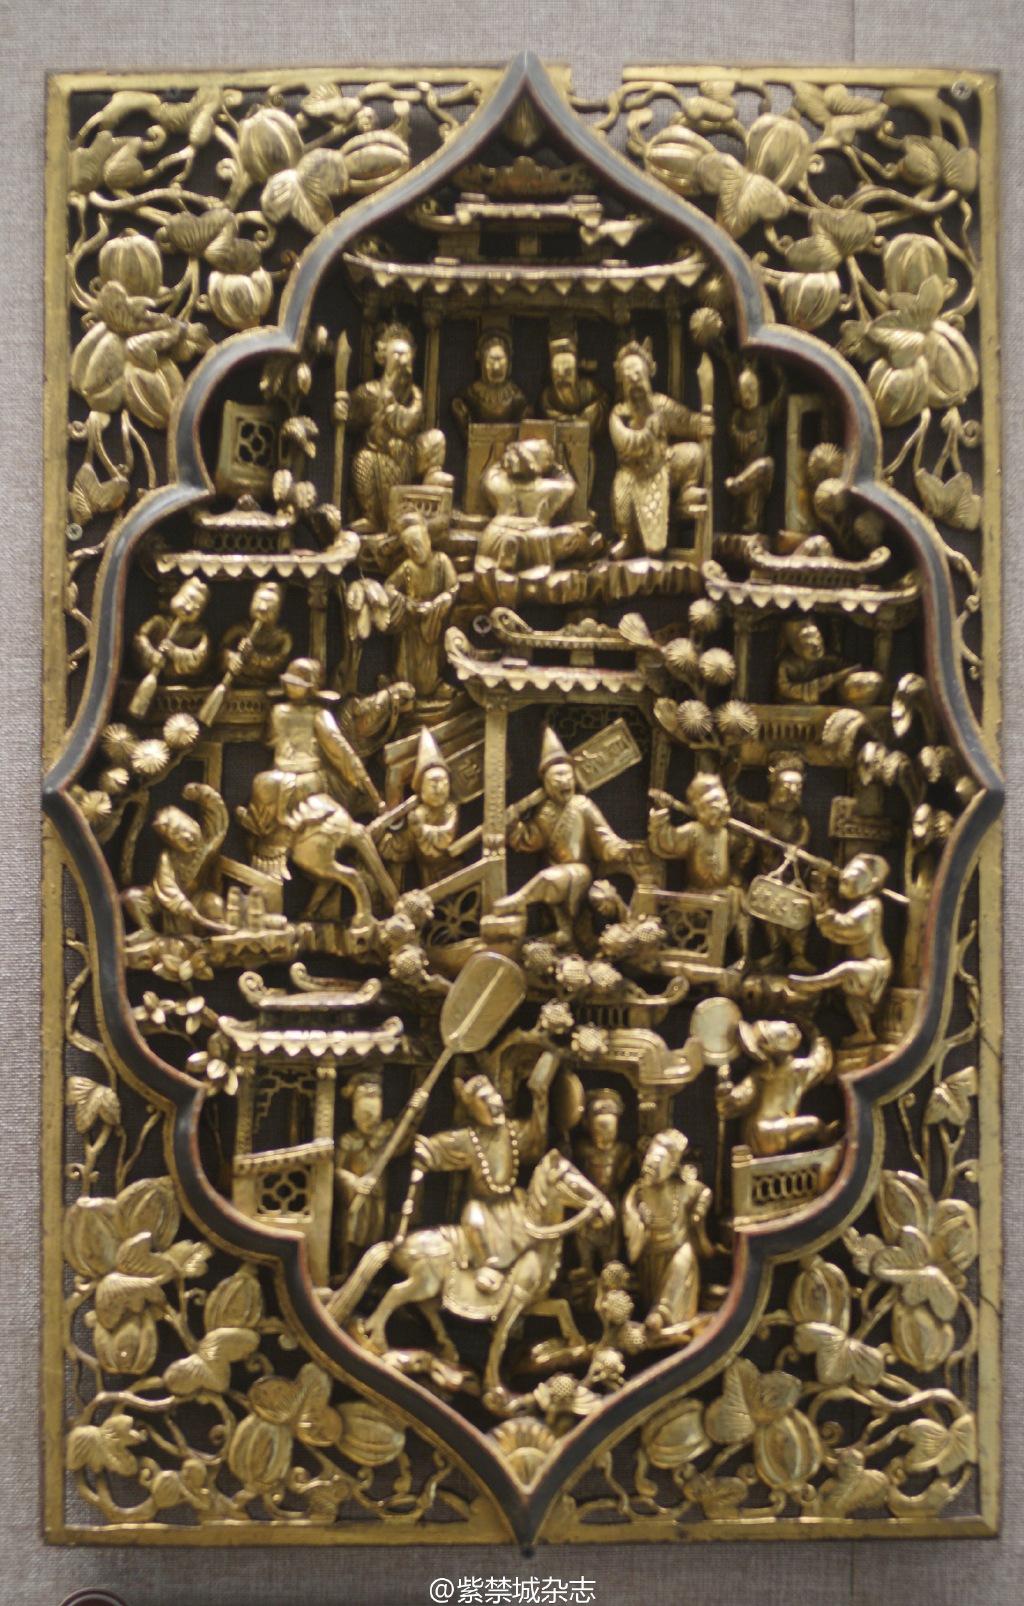 潮州木雕各种门窗隔扇帐顶肚心,广东省博物馆藏